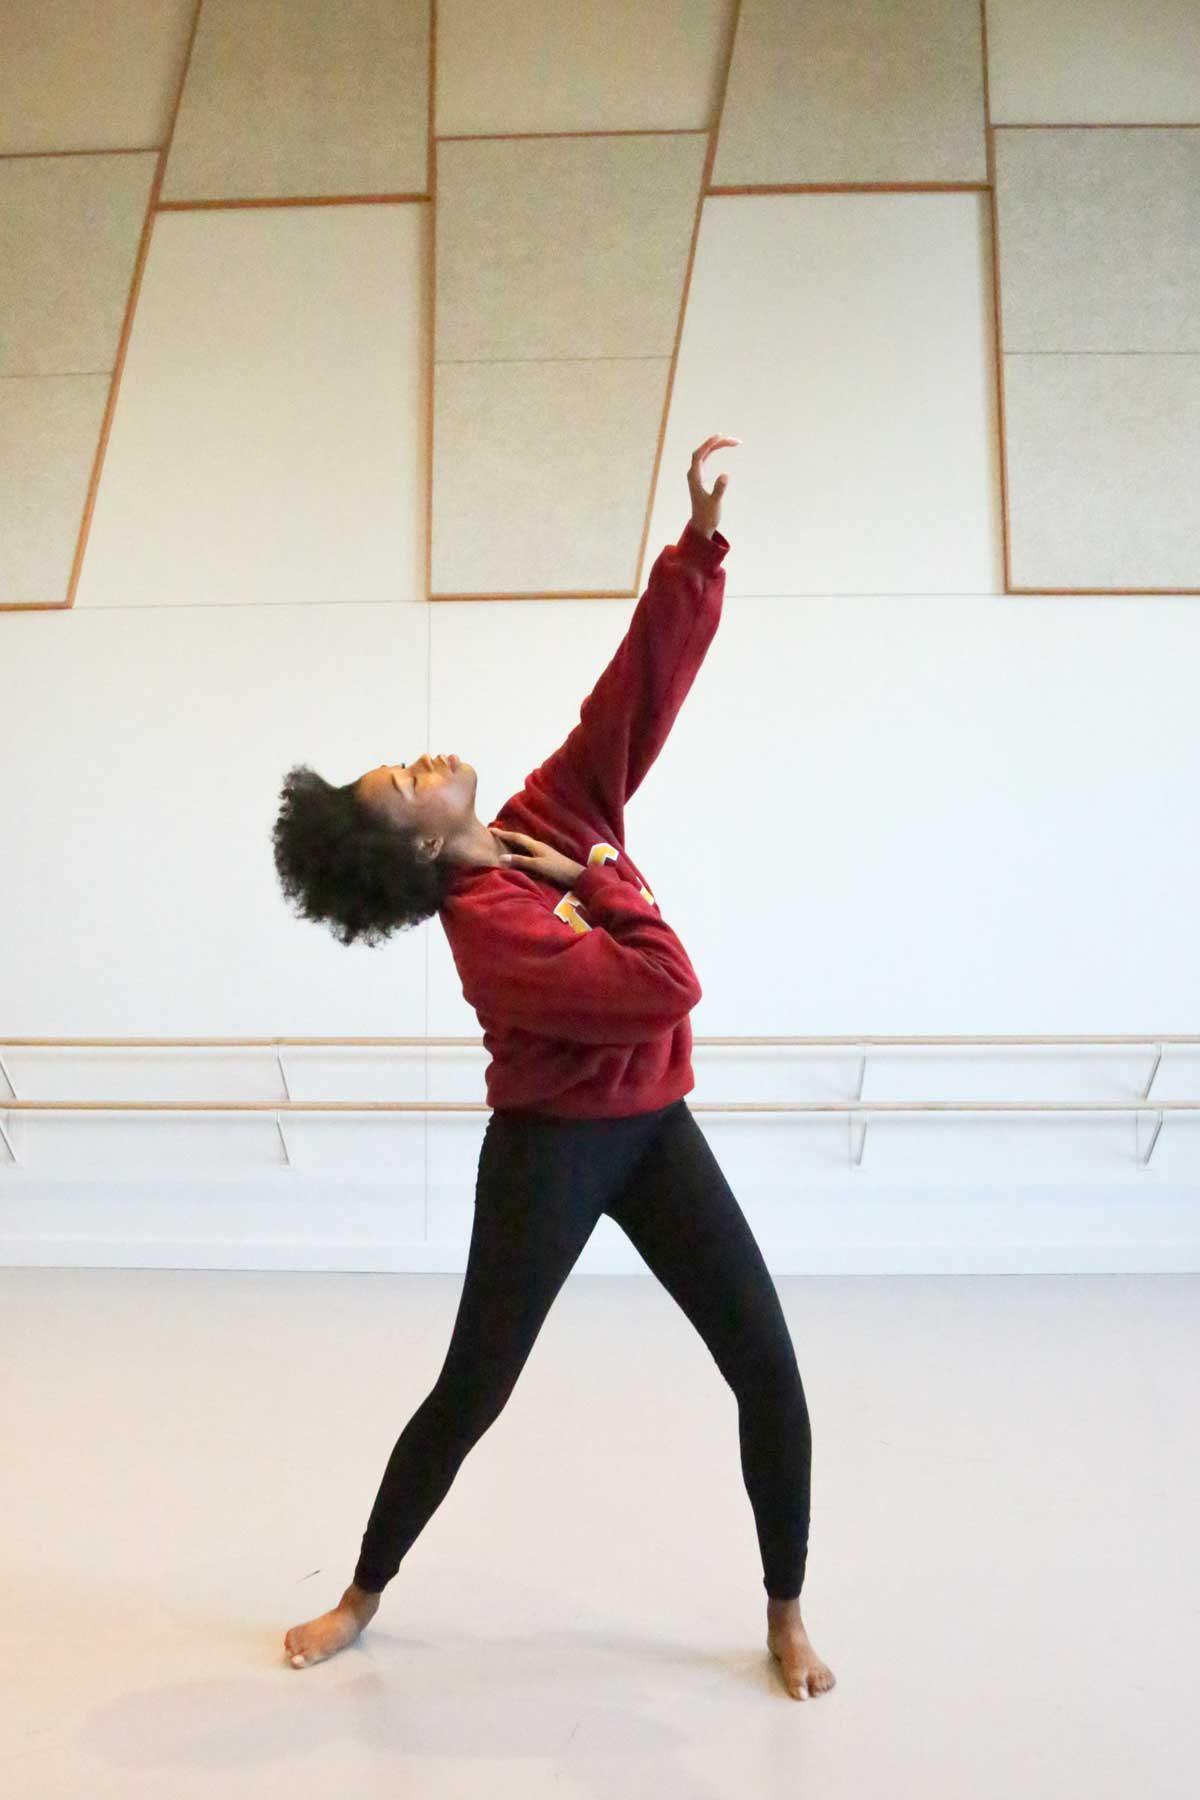 Briana Sims dance